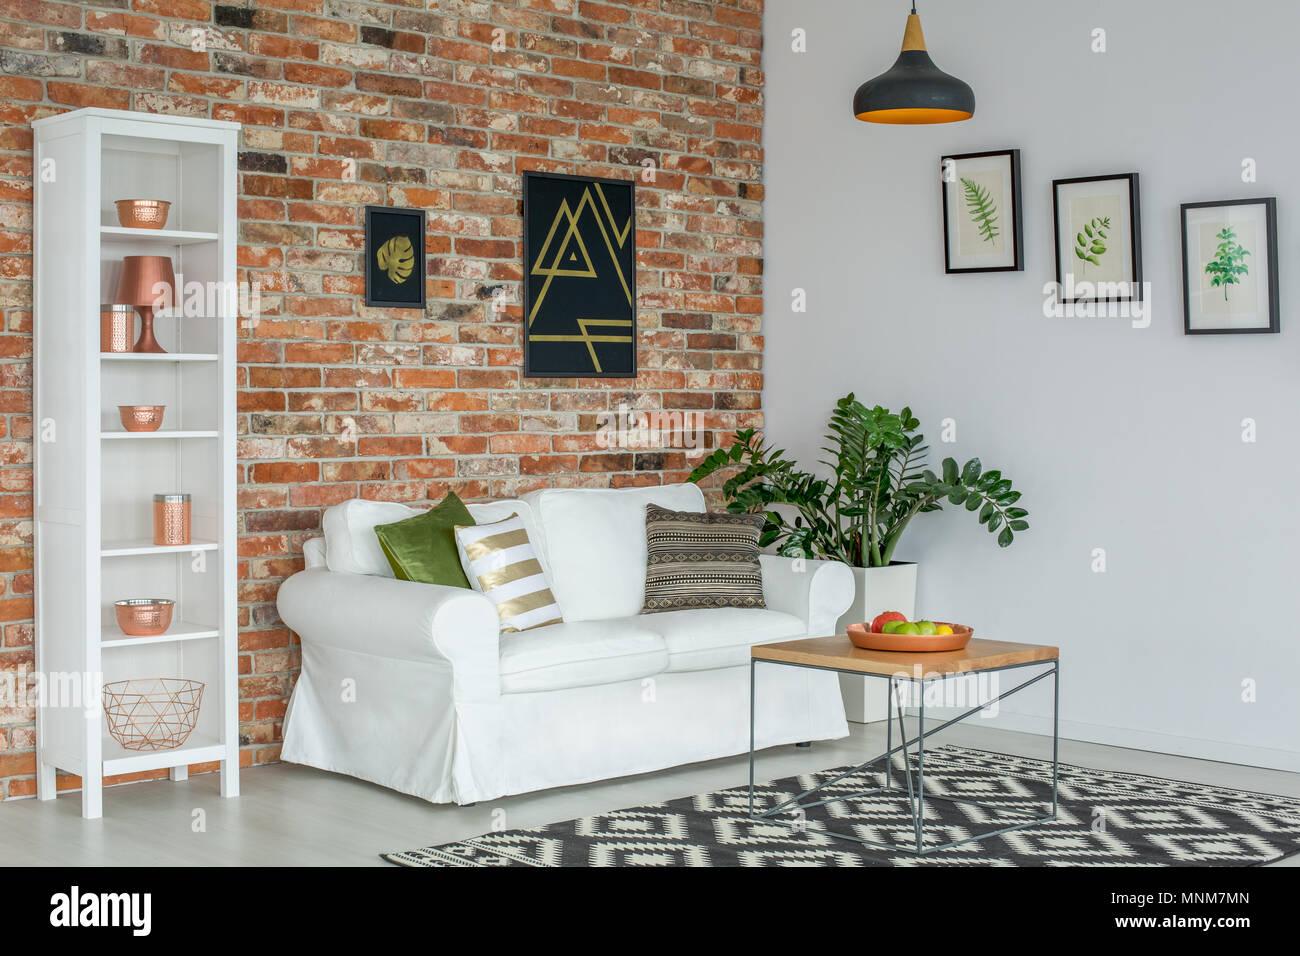 Divano E Tavolo Insieme industrial soggiorno con divano bianco, libreria e tavolo in